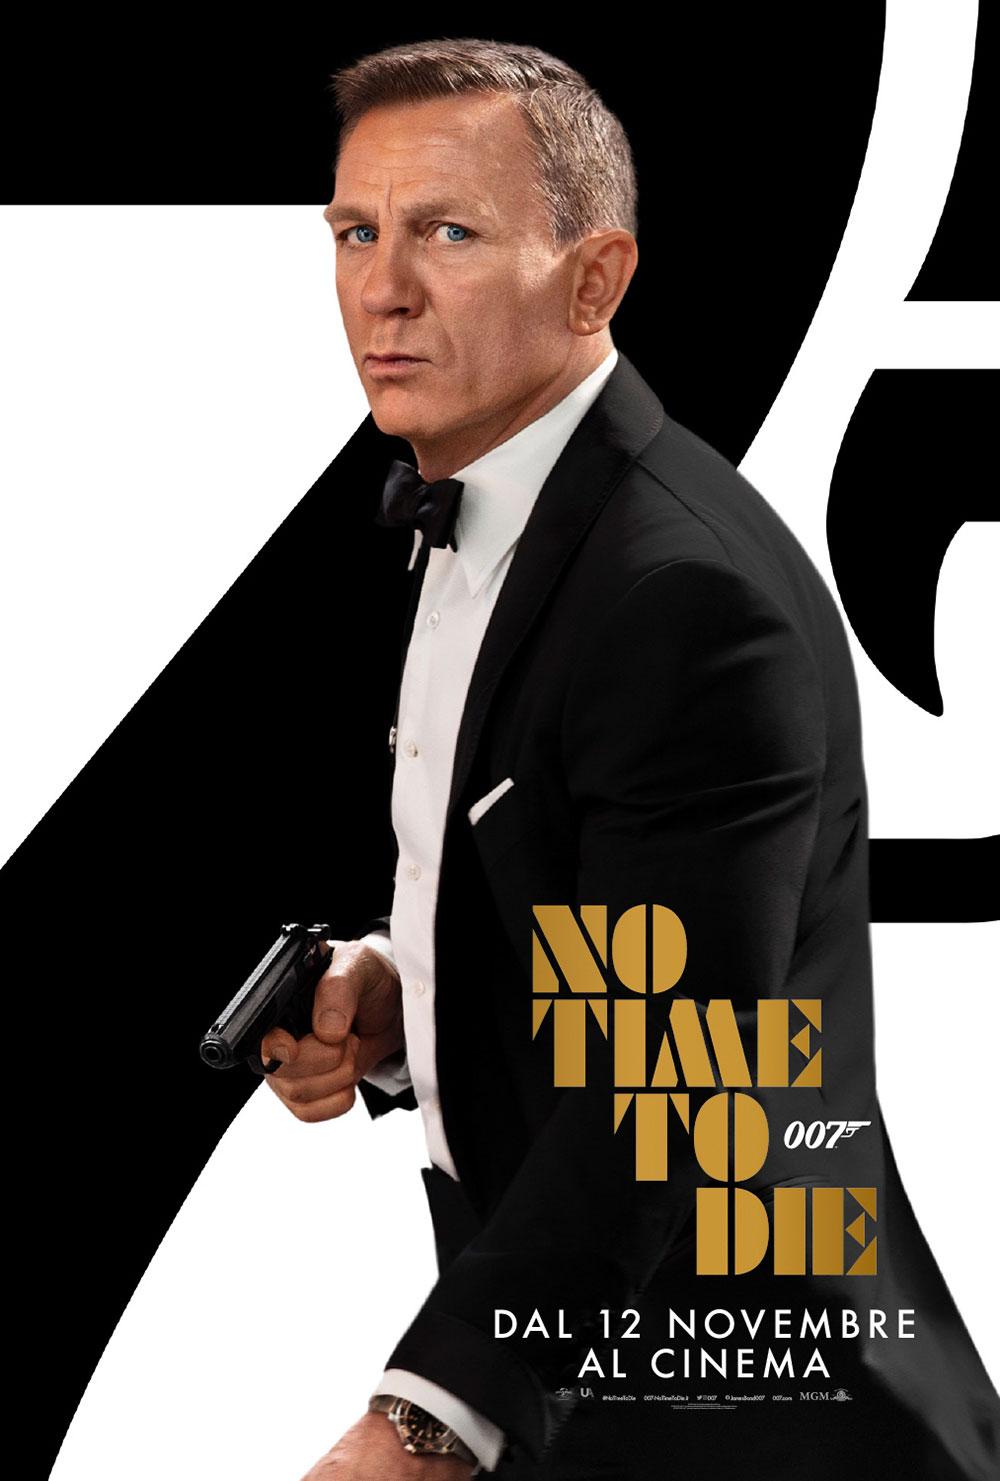 In foto Daniel Craig (52 anni) Dall'articolo: No Time To Die, il nuovo poster ufficiale del film.